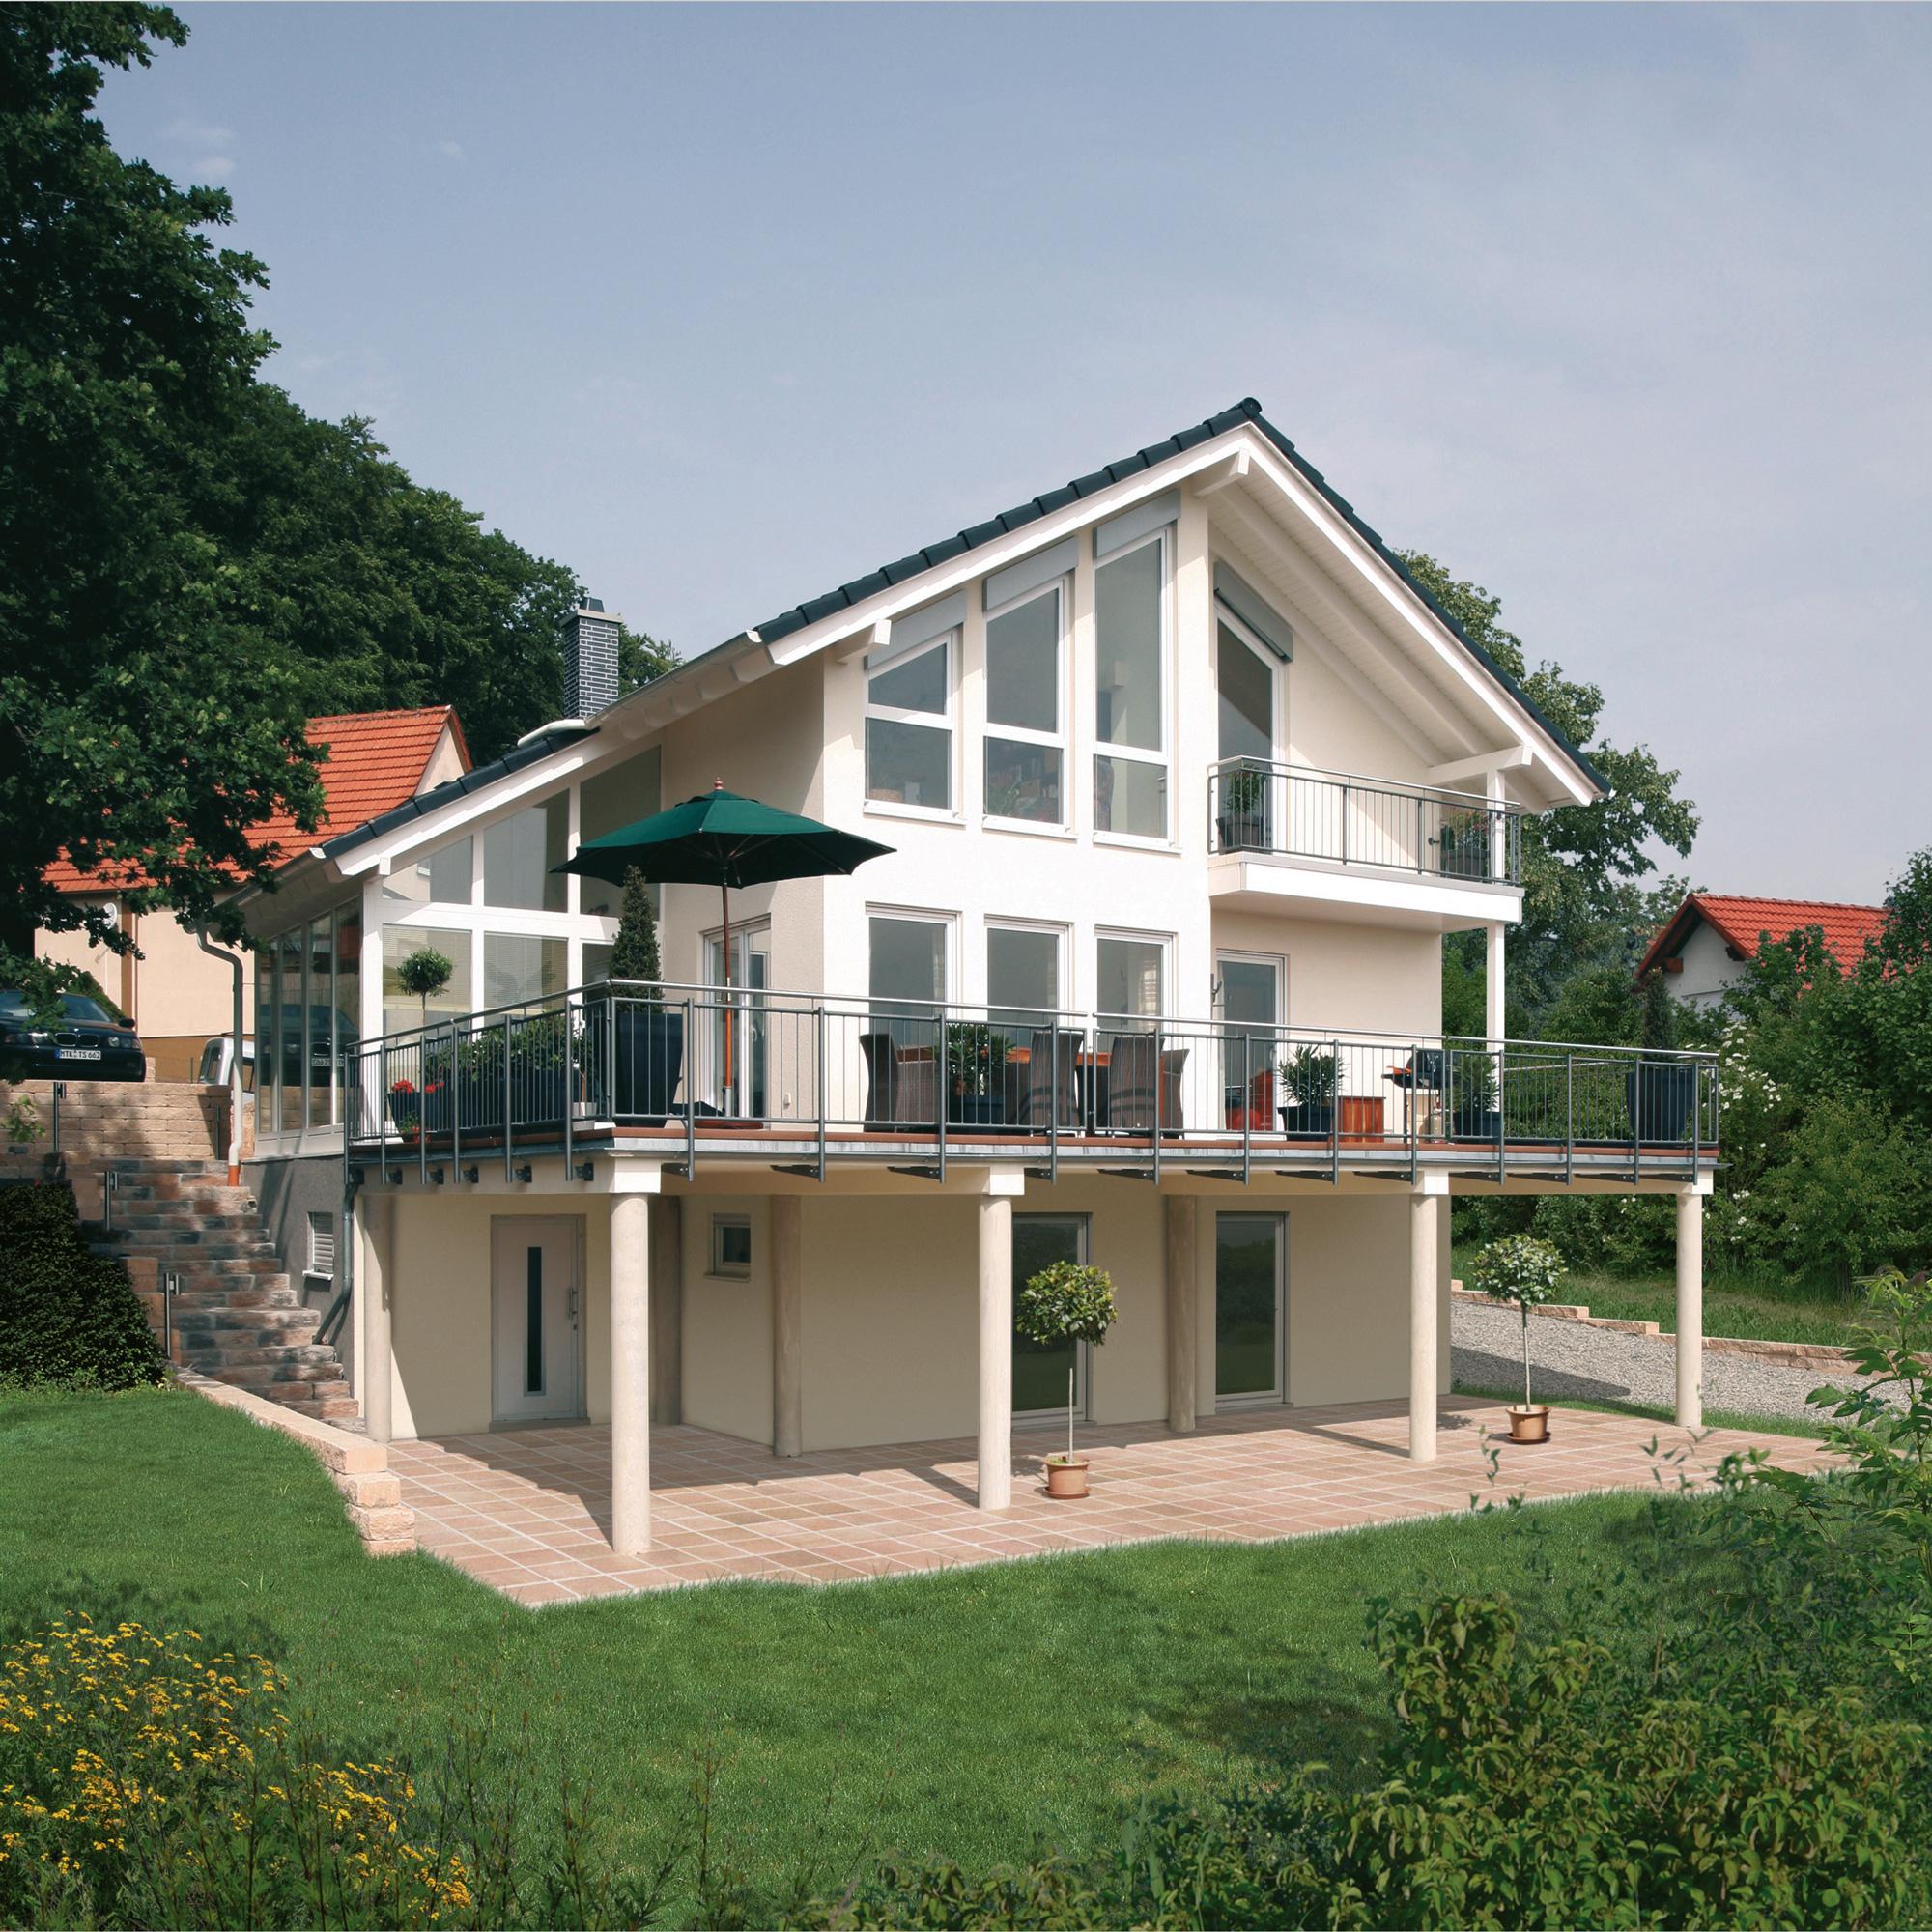 Moderne Gartenhäuser Zum Wohnen Zeitgenössisch On Modern überall Terrasse Auf Stelzen Und Garten Pinterest 2